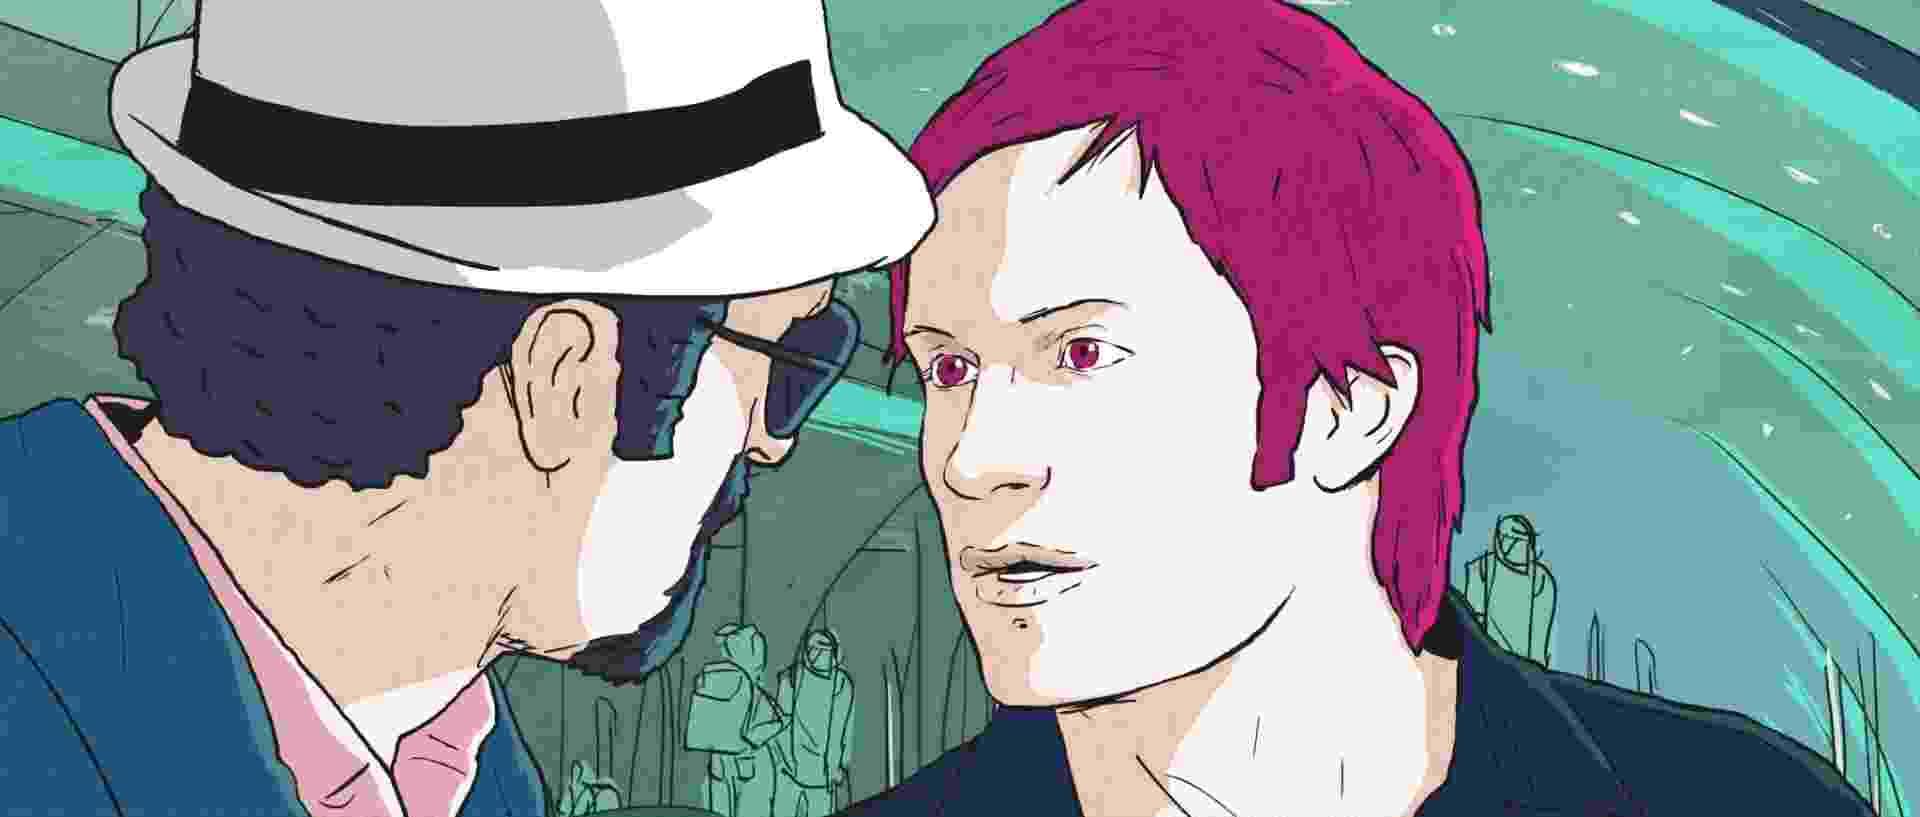 """O filme """"Zoom"""", dirigido por Pedro Morelli e que chega aos cinemas no dia 31 de março, tem seus frames, storyboards e desenhos expostos no Reserva Cultural (avenida Paulista, 900). - Divulgação"""